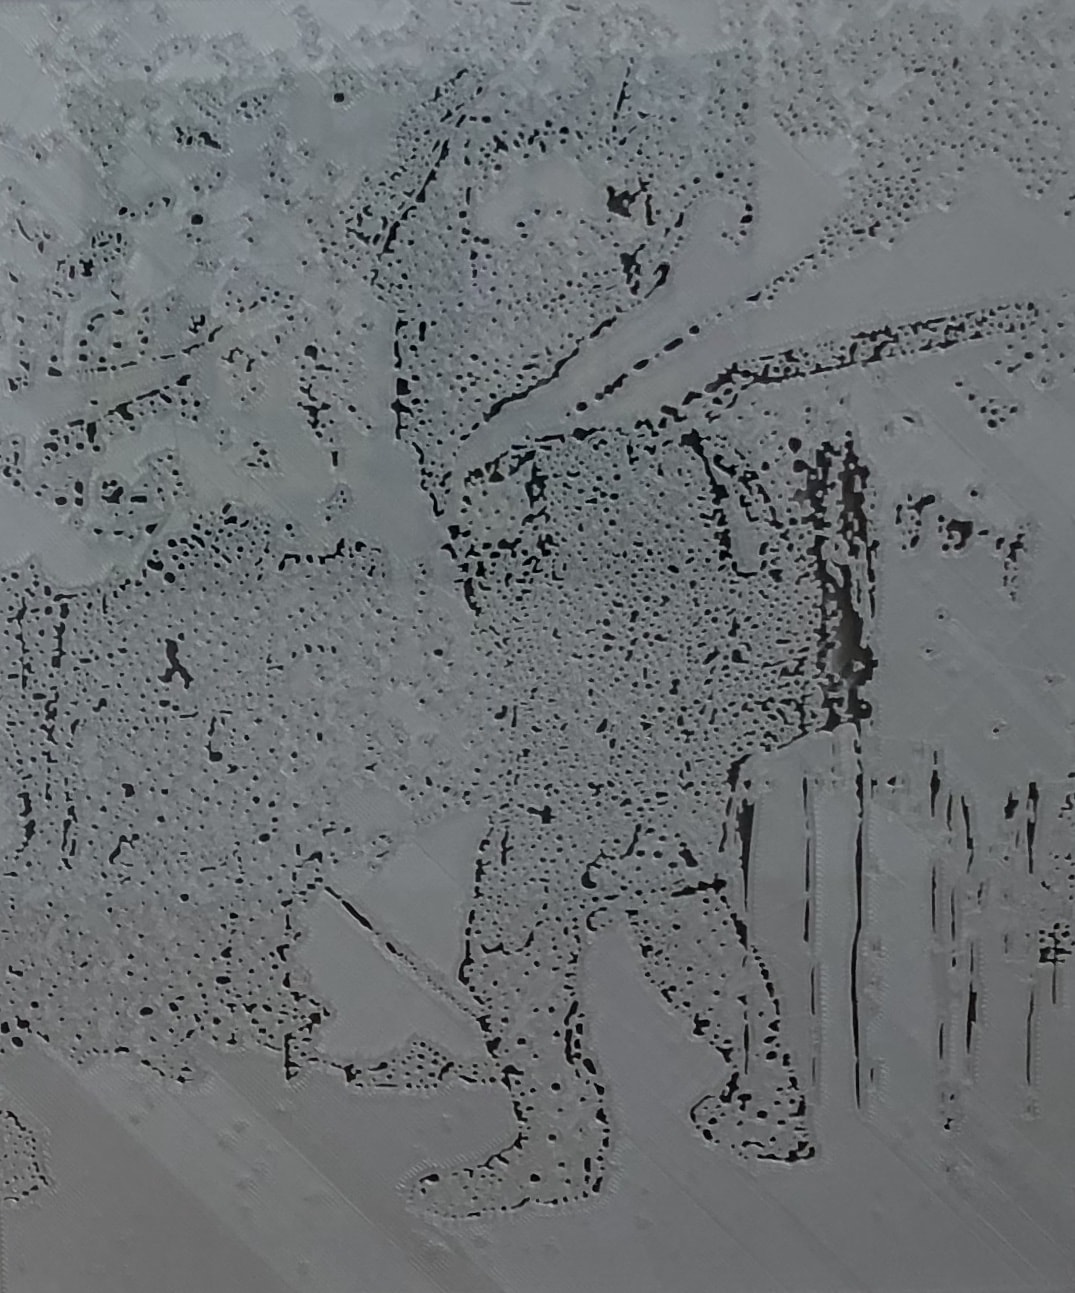 Jon Cattapan, 'Vapour Study IV', 2019, 3 D print, framed, 37 x 44cm, edition of 5 + 1 A.P